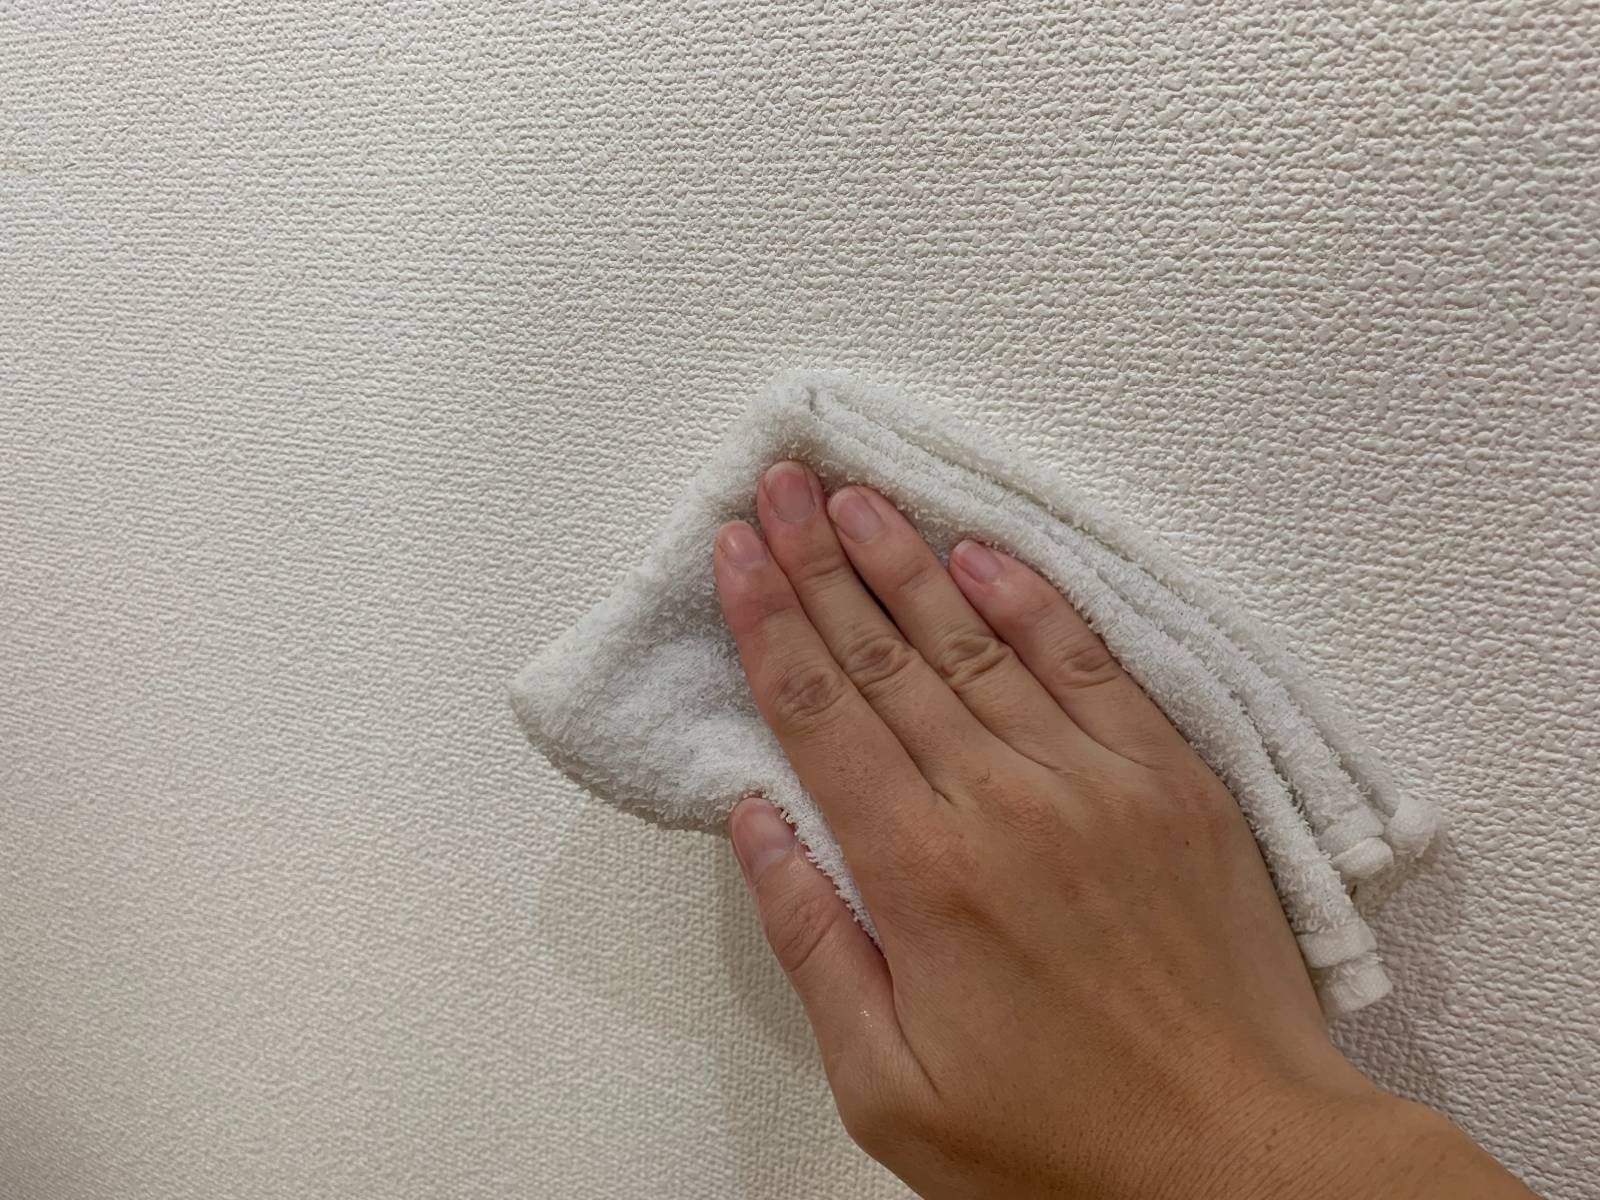 オキシクリーンで壁紙を掃除 フローリングもソファも リビングを丸ごときれいにする方法 壁紙 掃除 オキシクリーン 生活の裏技